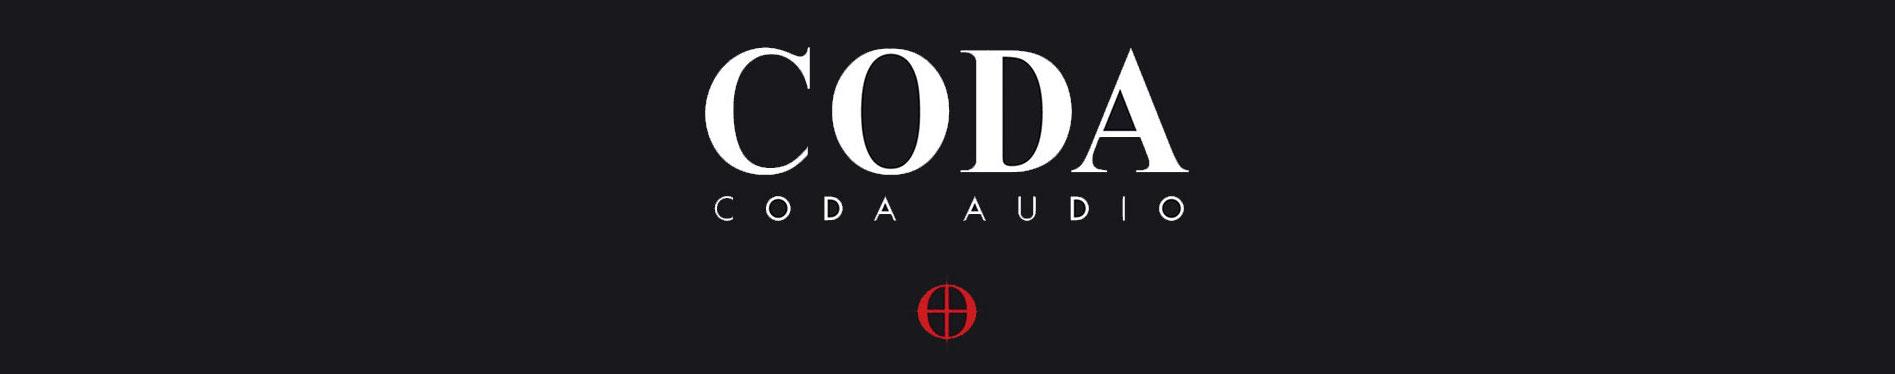 wwvt-wilhelm-willhalm-veranstaltungstechnik-event-technology-coda-audio-verstriebspartner Kopie